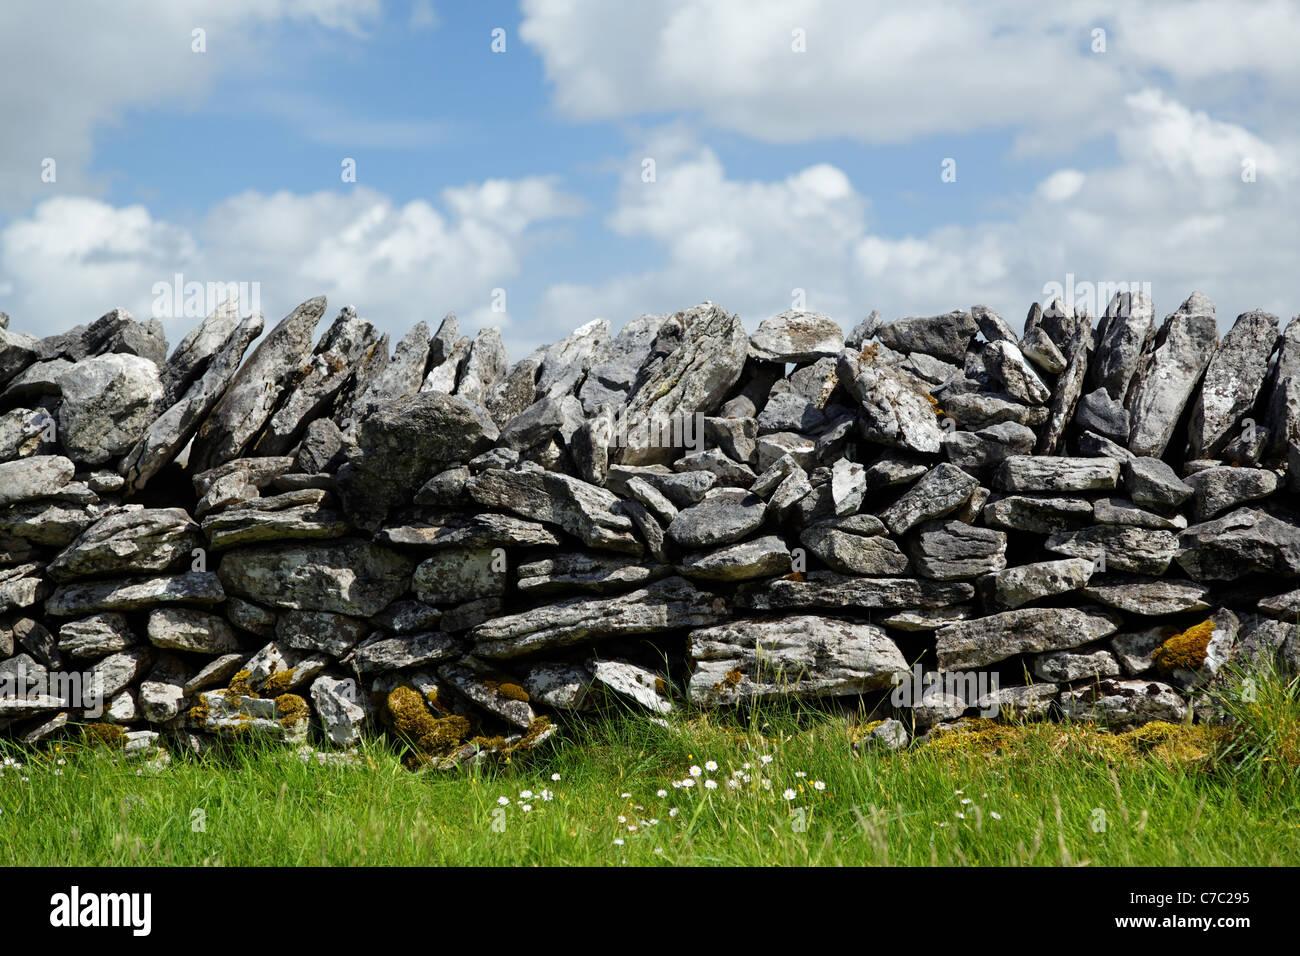 Dry stone wall, Republic of Ireland Stock Photo